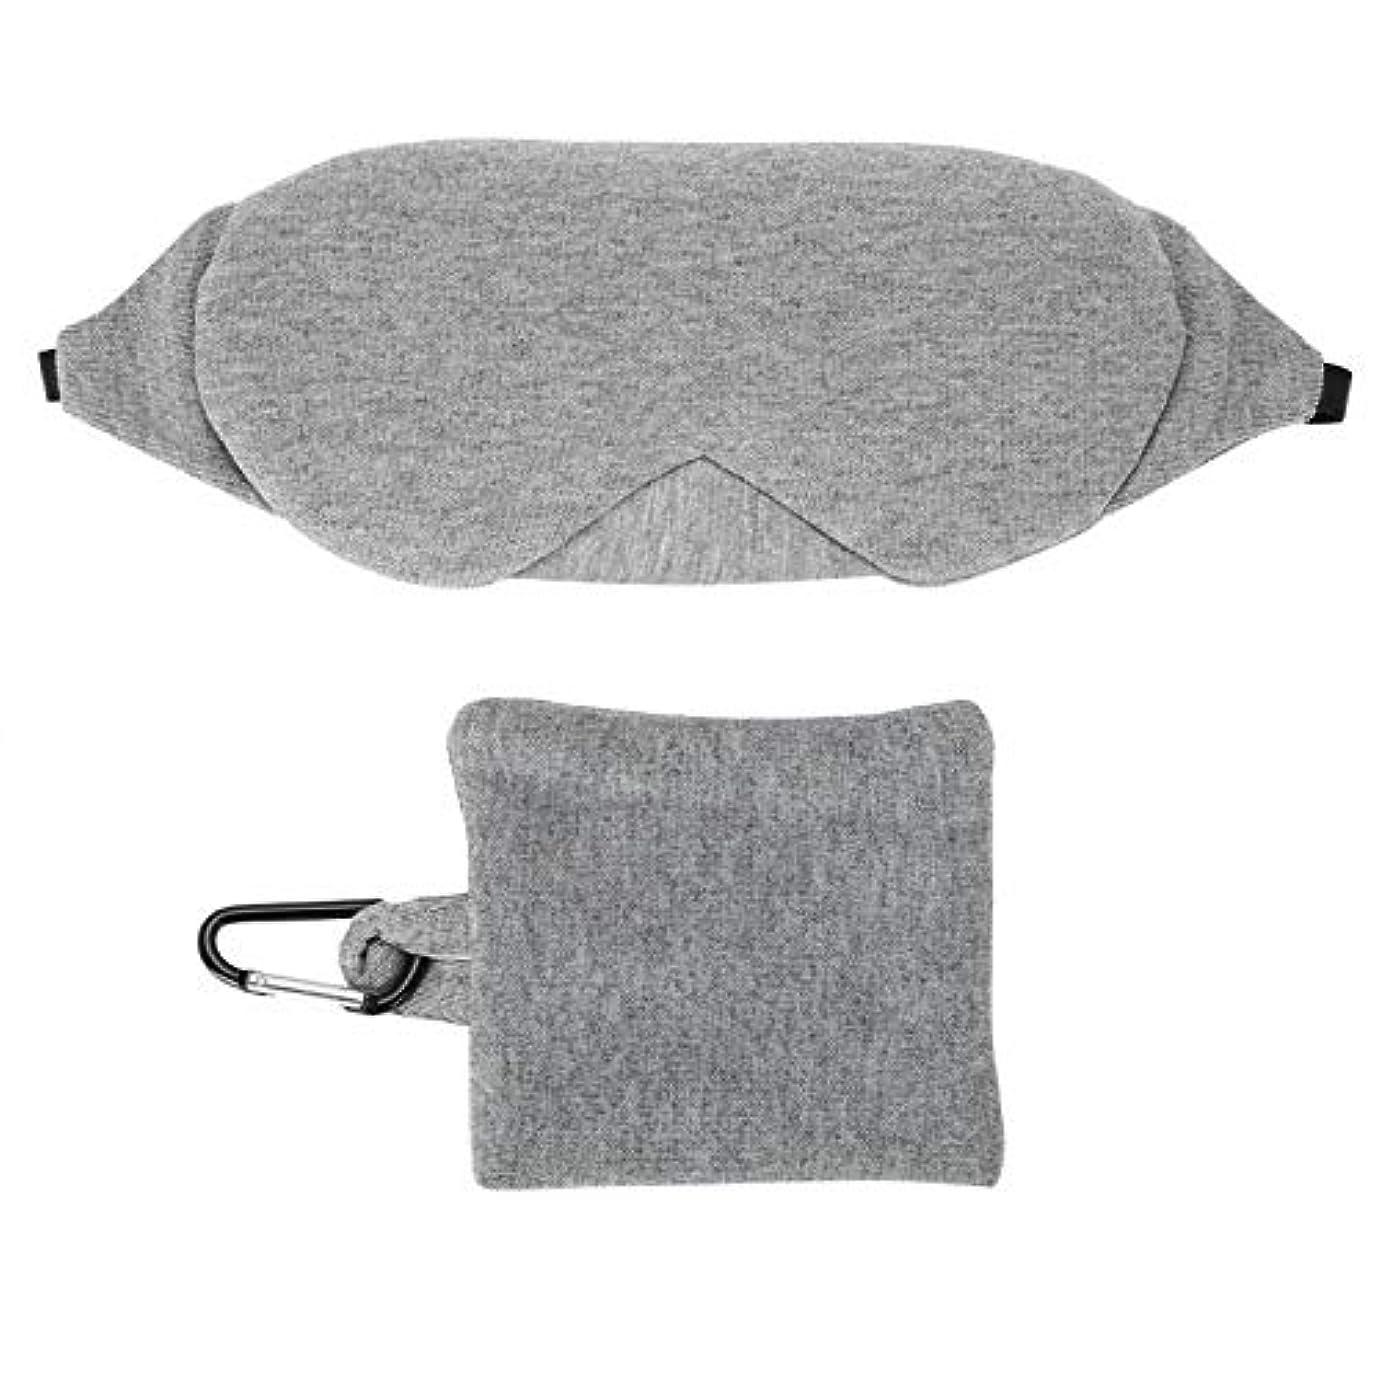 難民くしゃみパーセントNOTE 調節可能な睡眠マスク通気性アイシェードカバー目隠しアイパッチ睡眠マスク助けて不眠症ヘルスケアツール